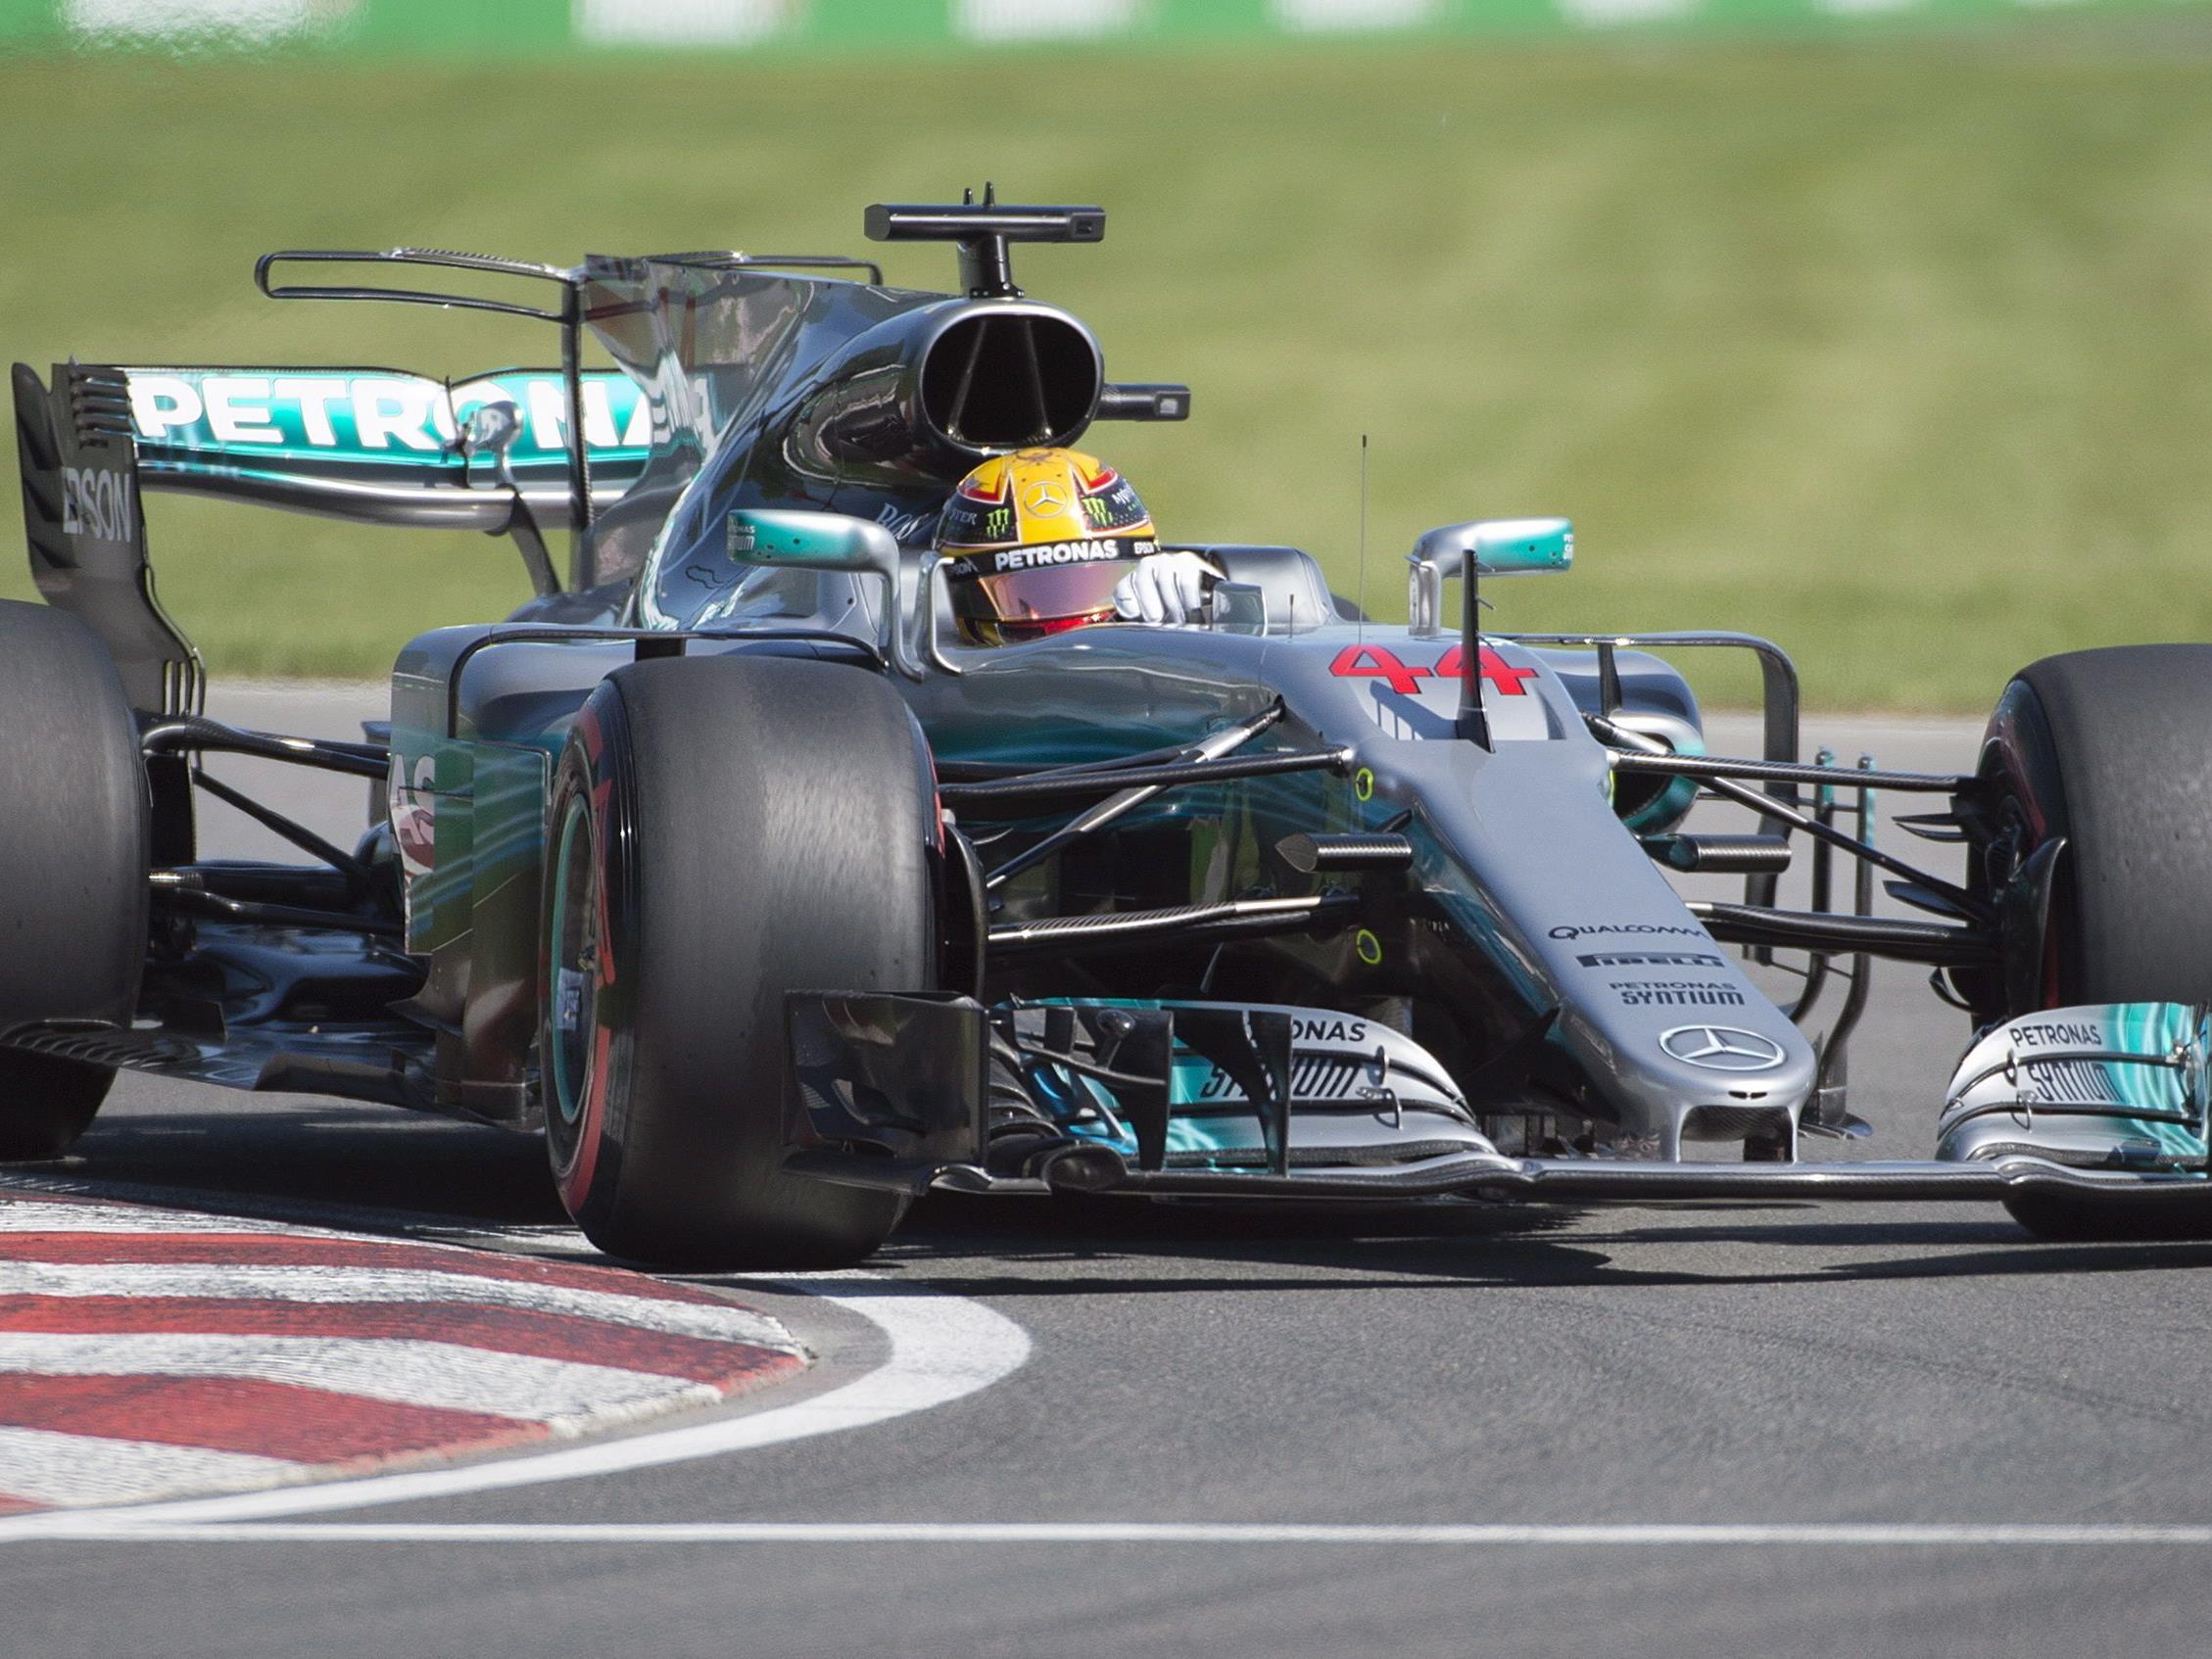 Lewis Hamilton startet in Kanada von der Pole Position.